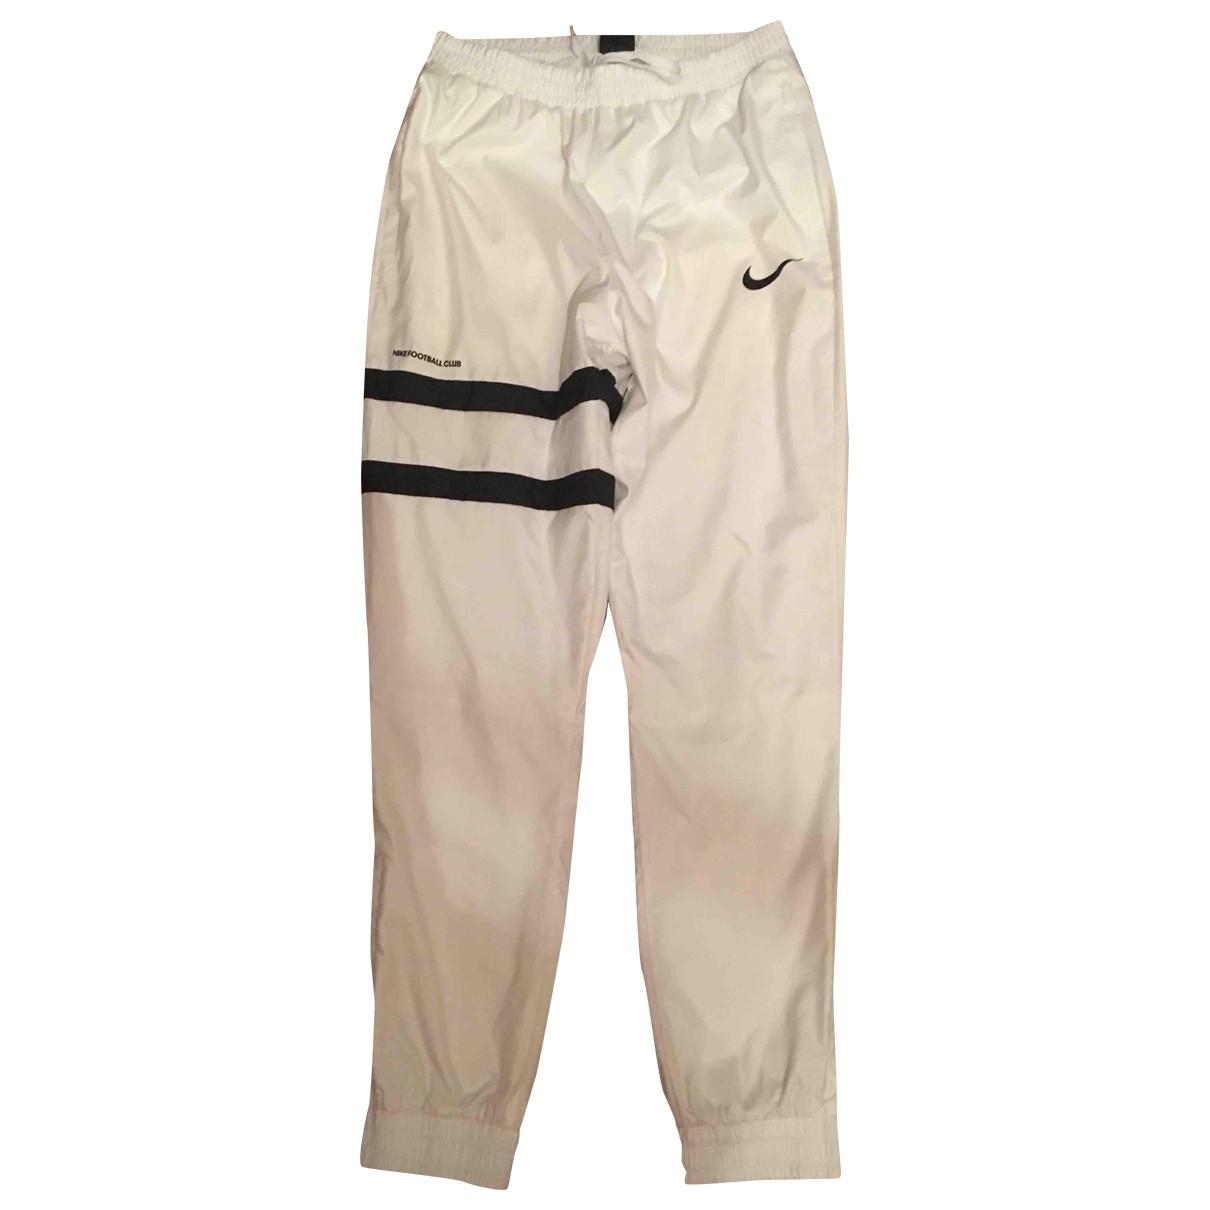 Pantalon en Poliester Blanco Nike